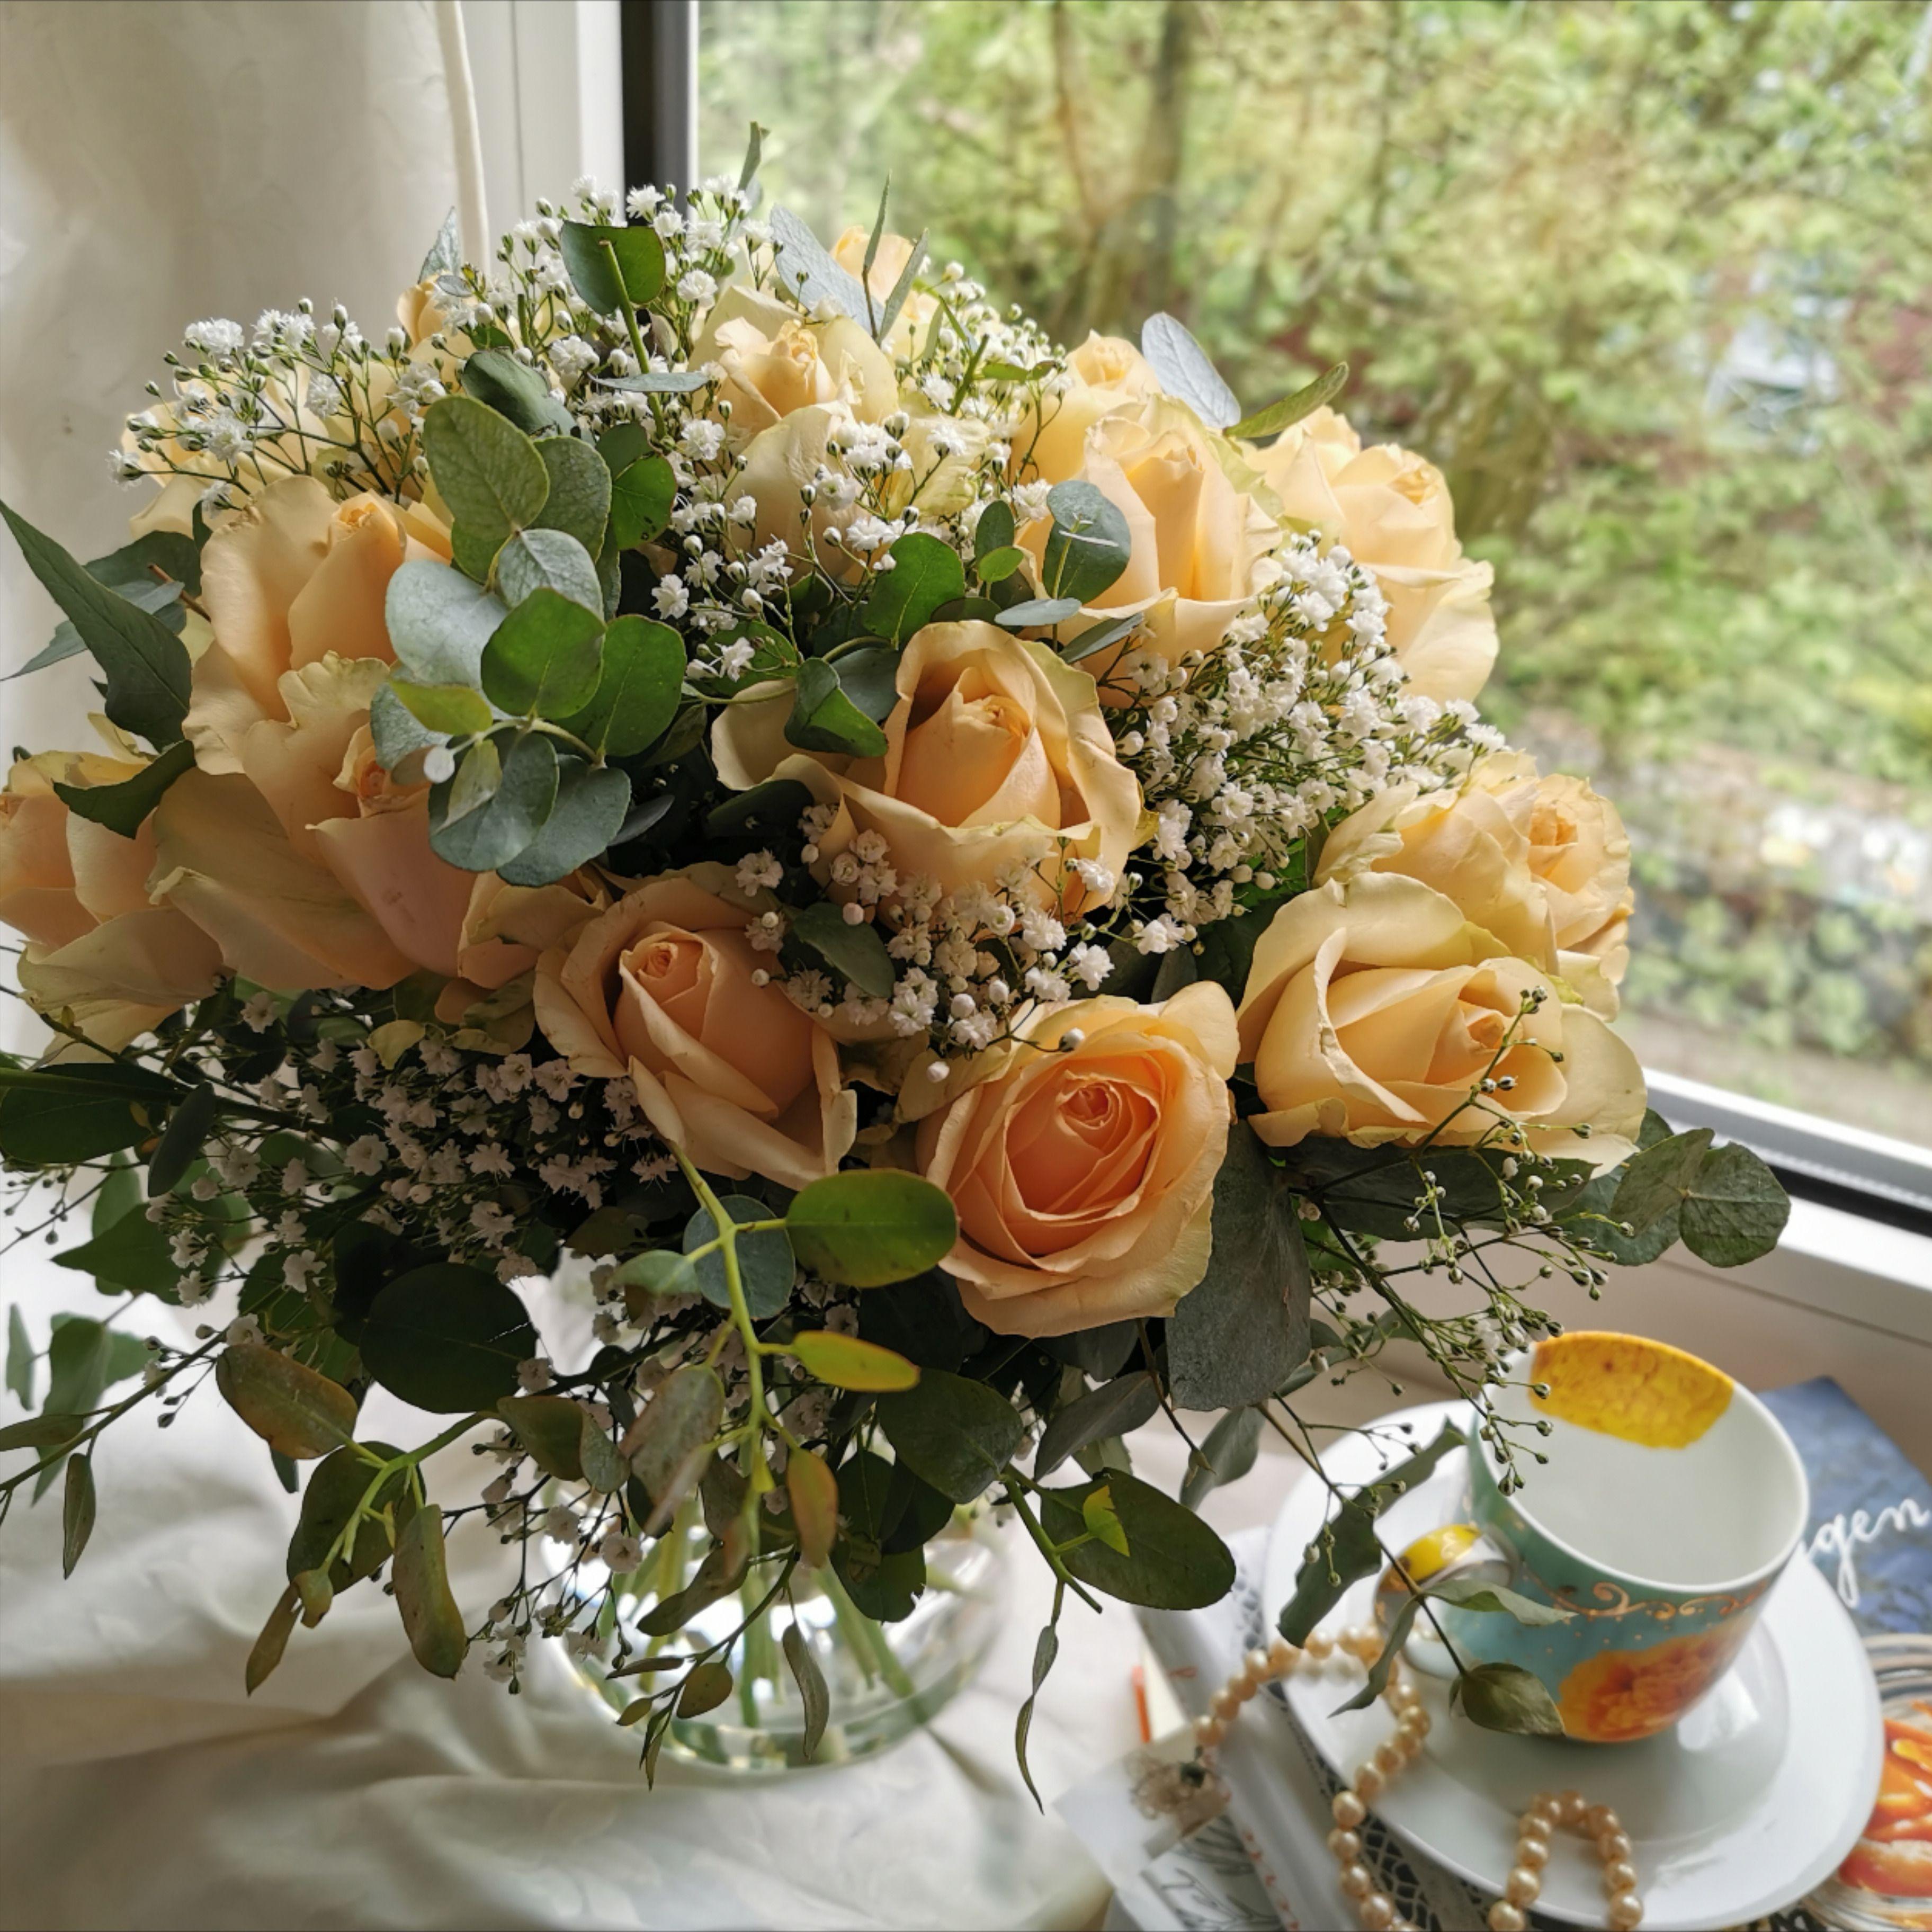 Romantic Stilllife With Roses Stillleben Mit Rosen In Pastell Dream Of Flowers Blumenstrauss Blumen Pfirsich Farbe